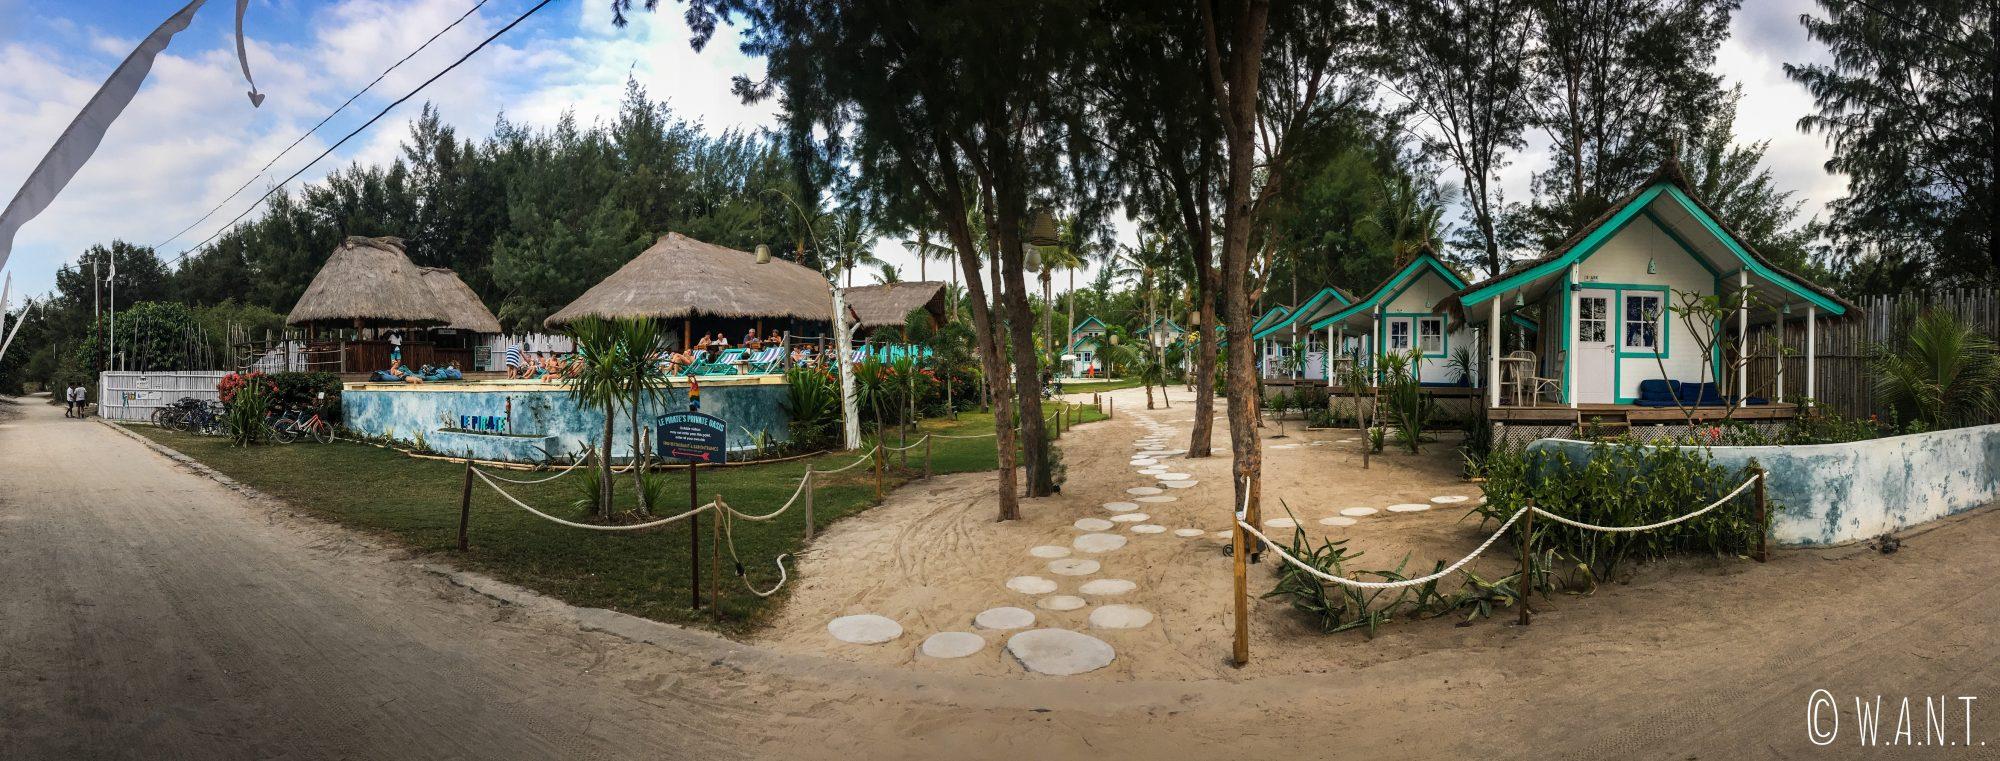 Nouvel hôtel nommé Le Pirate sur Gili Trawangan